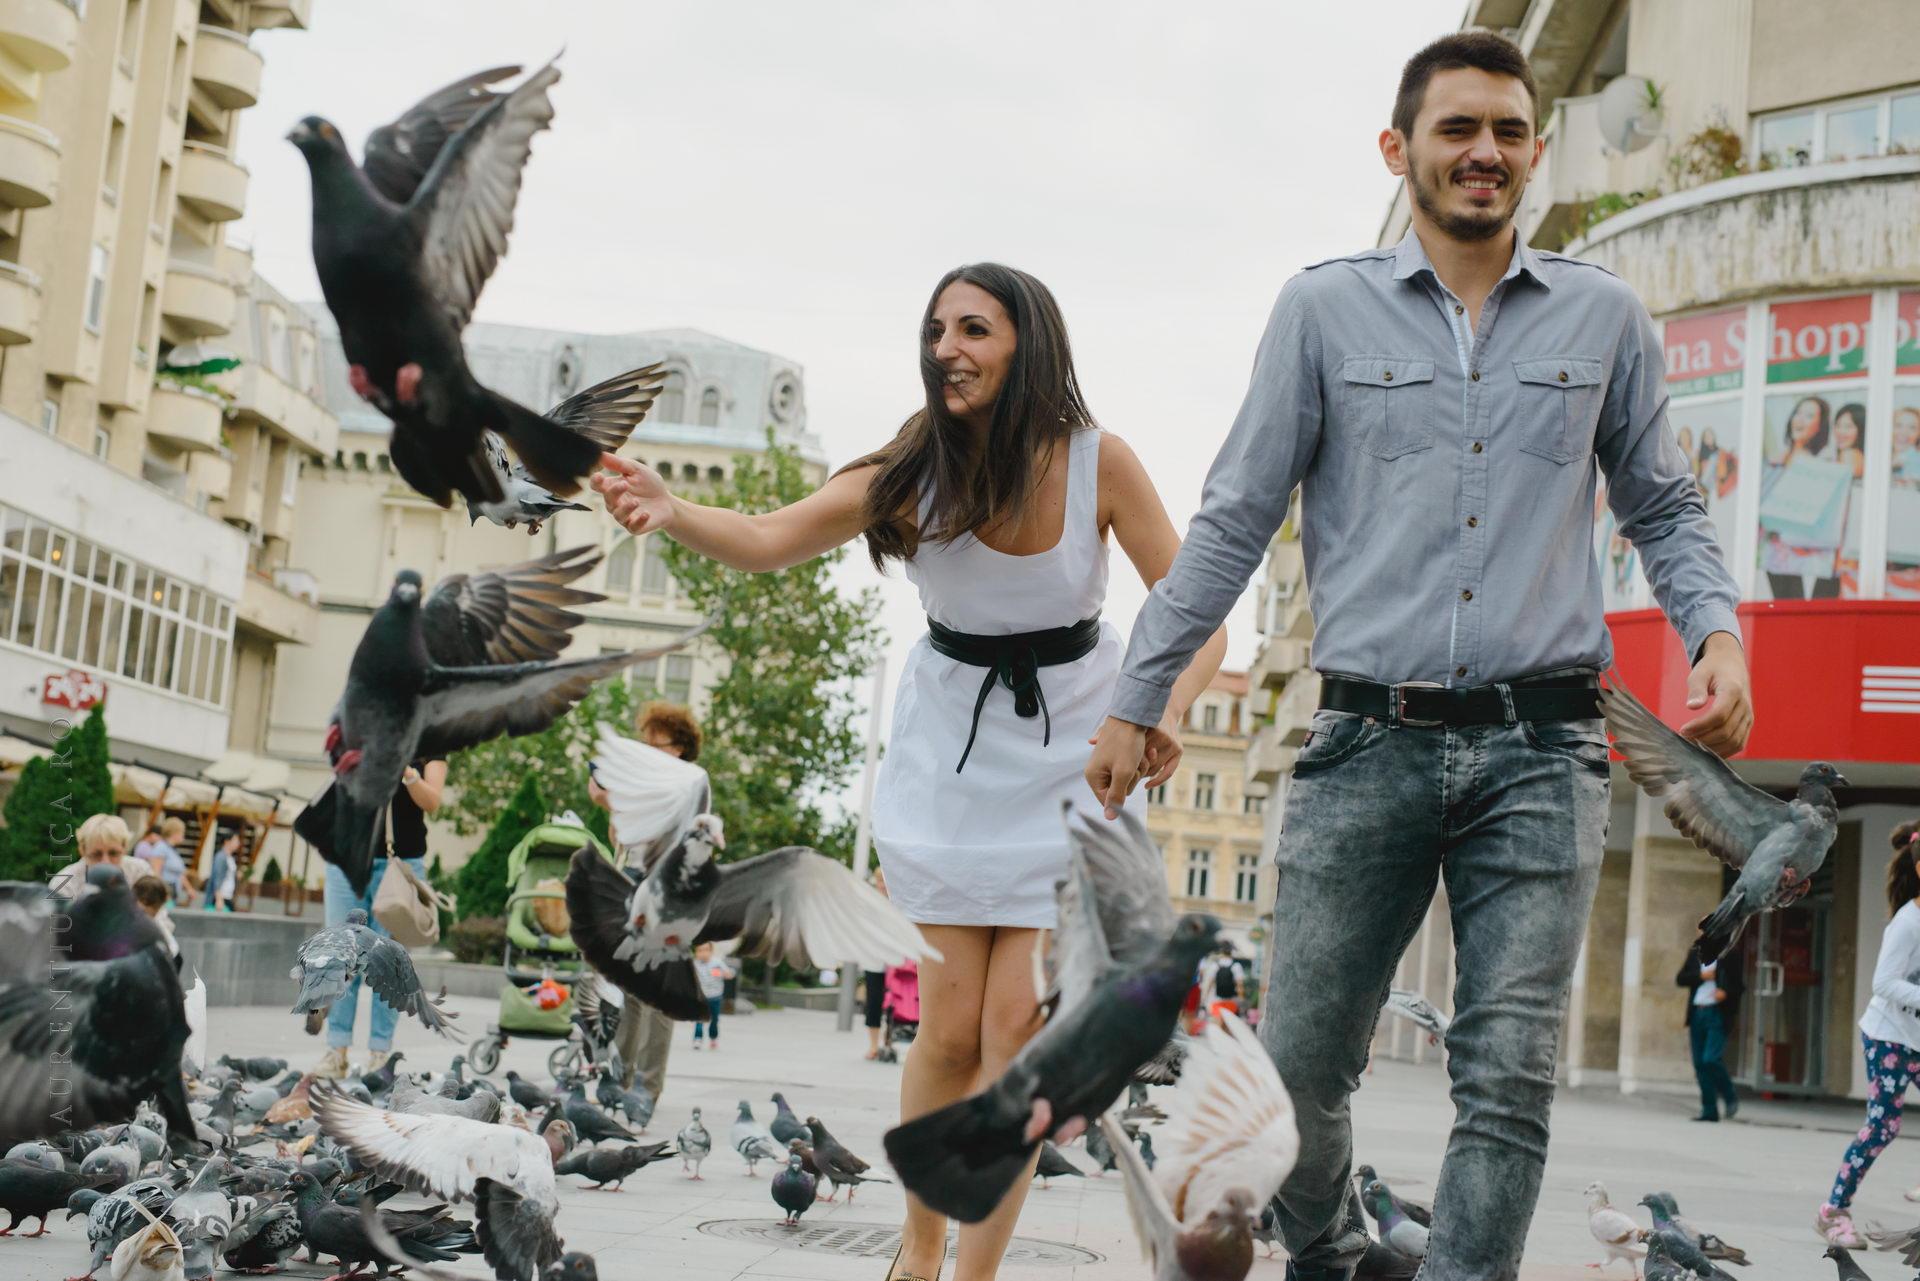 sedinta foto save the date fotograf laurentiu nica craiova 03 - Ramona & Marius | Sedinta foto Save the Date